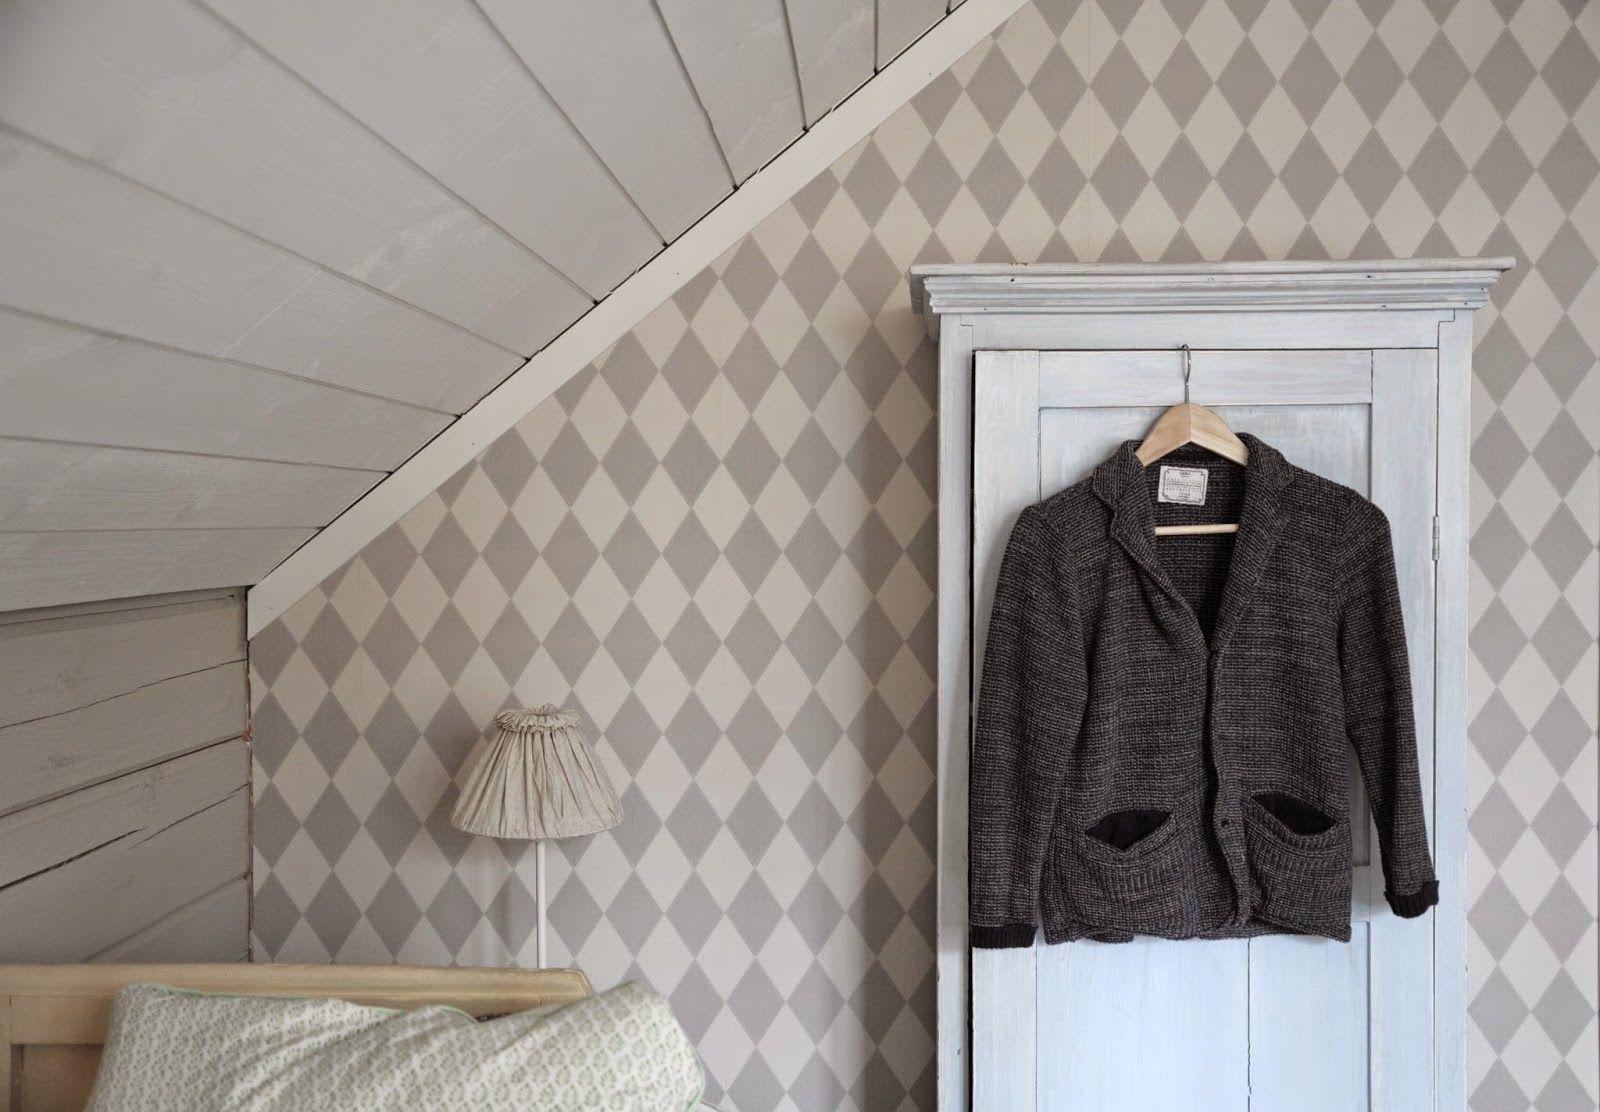 P o mpeli: A young man's attic room